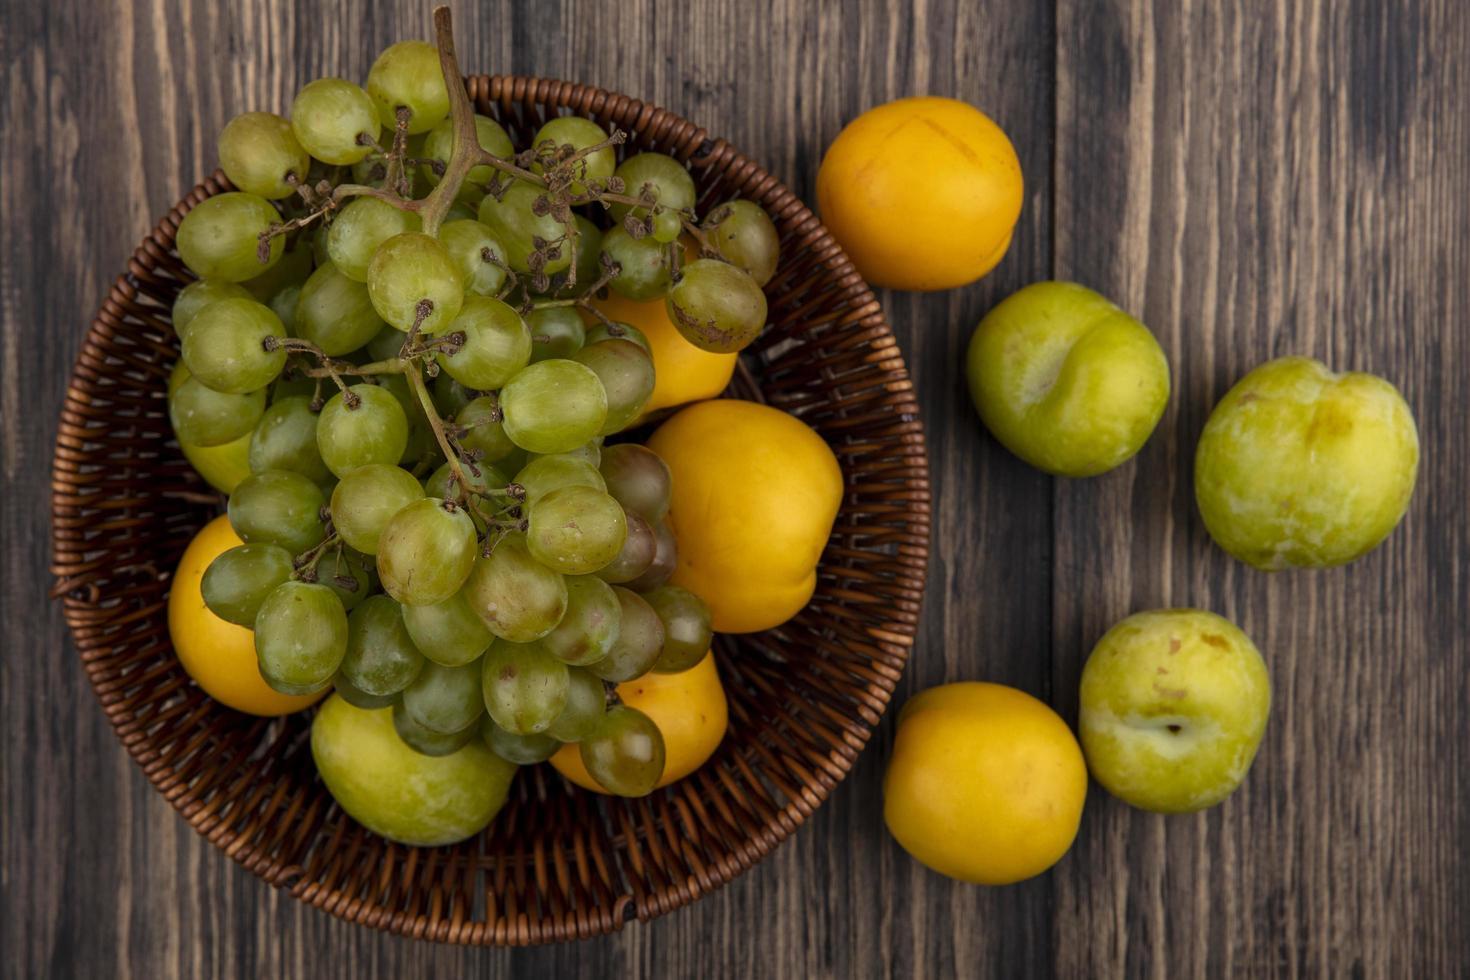 Surtido de frutas en una canasta sobre fondo de madera foto